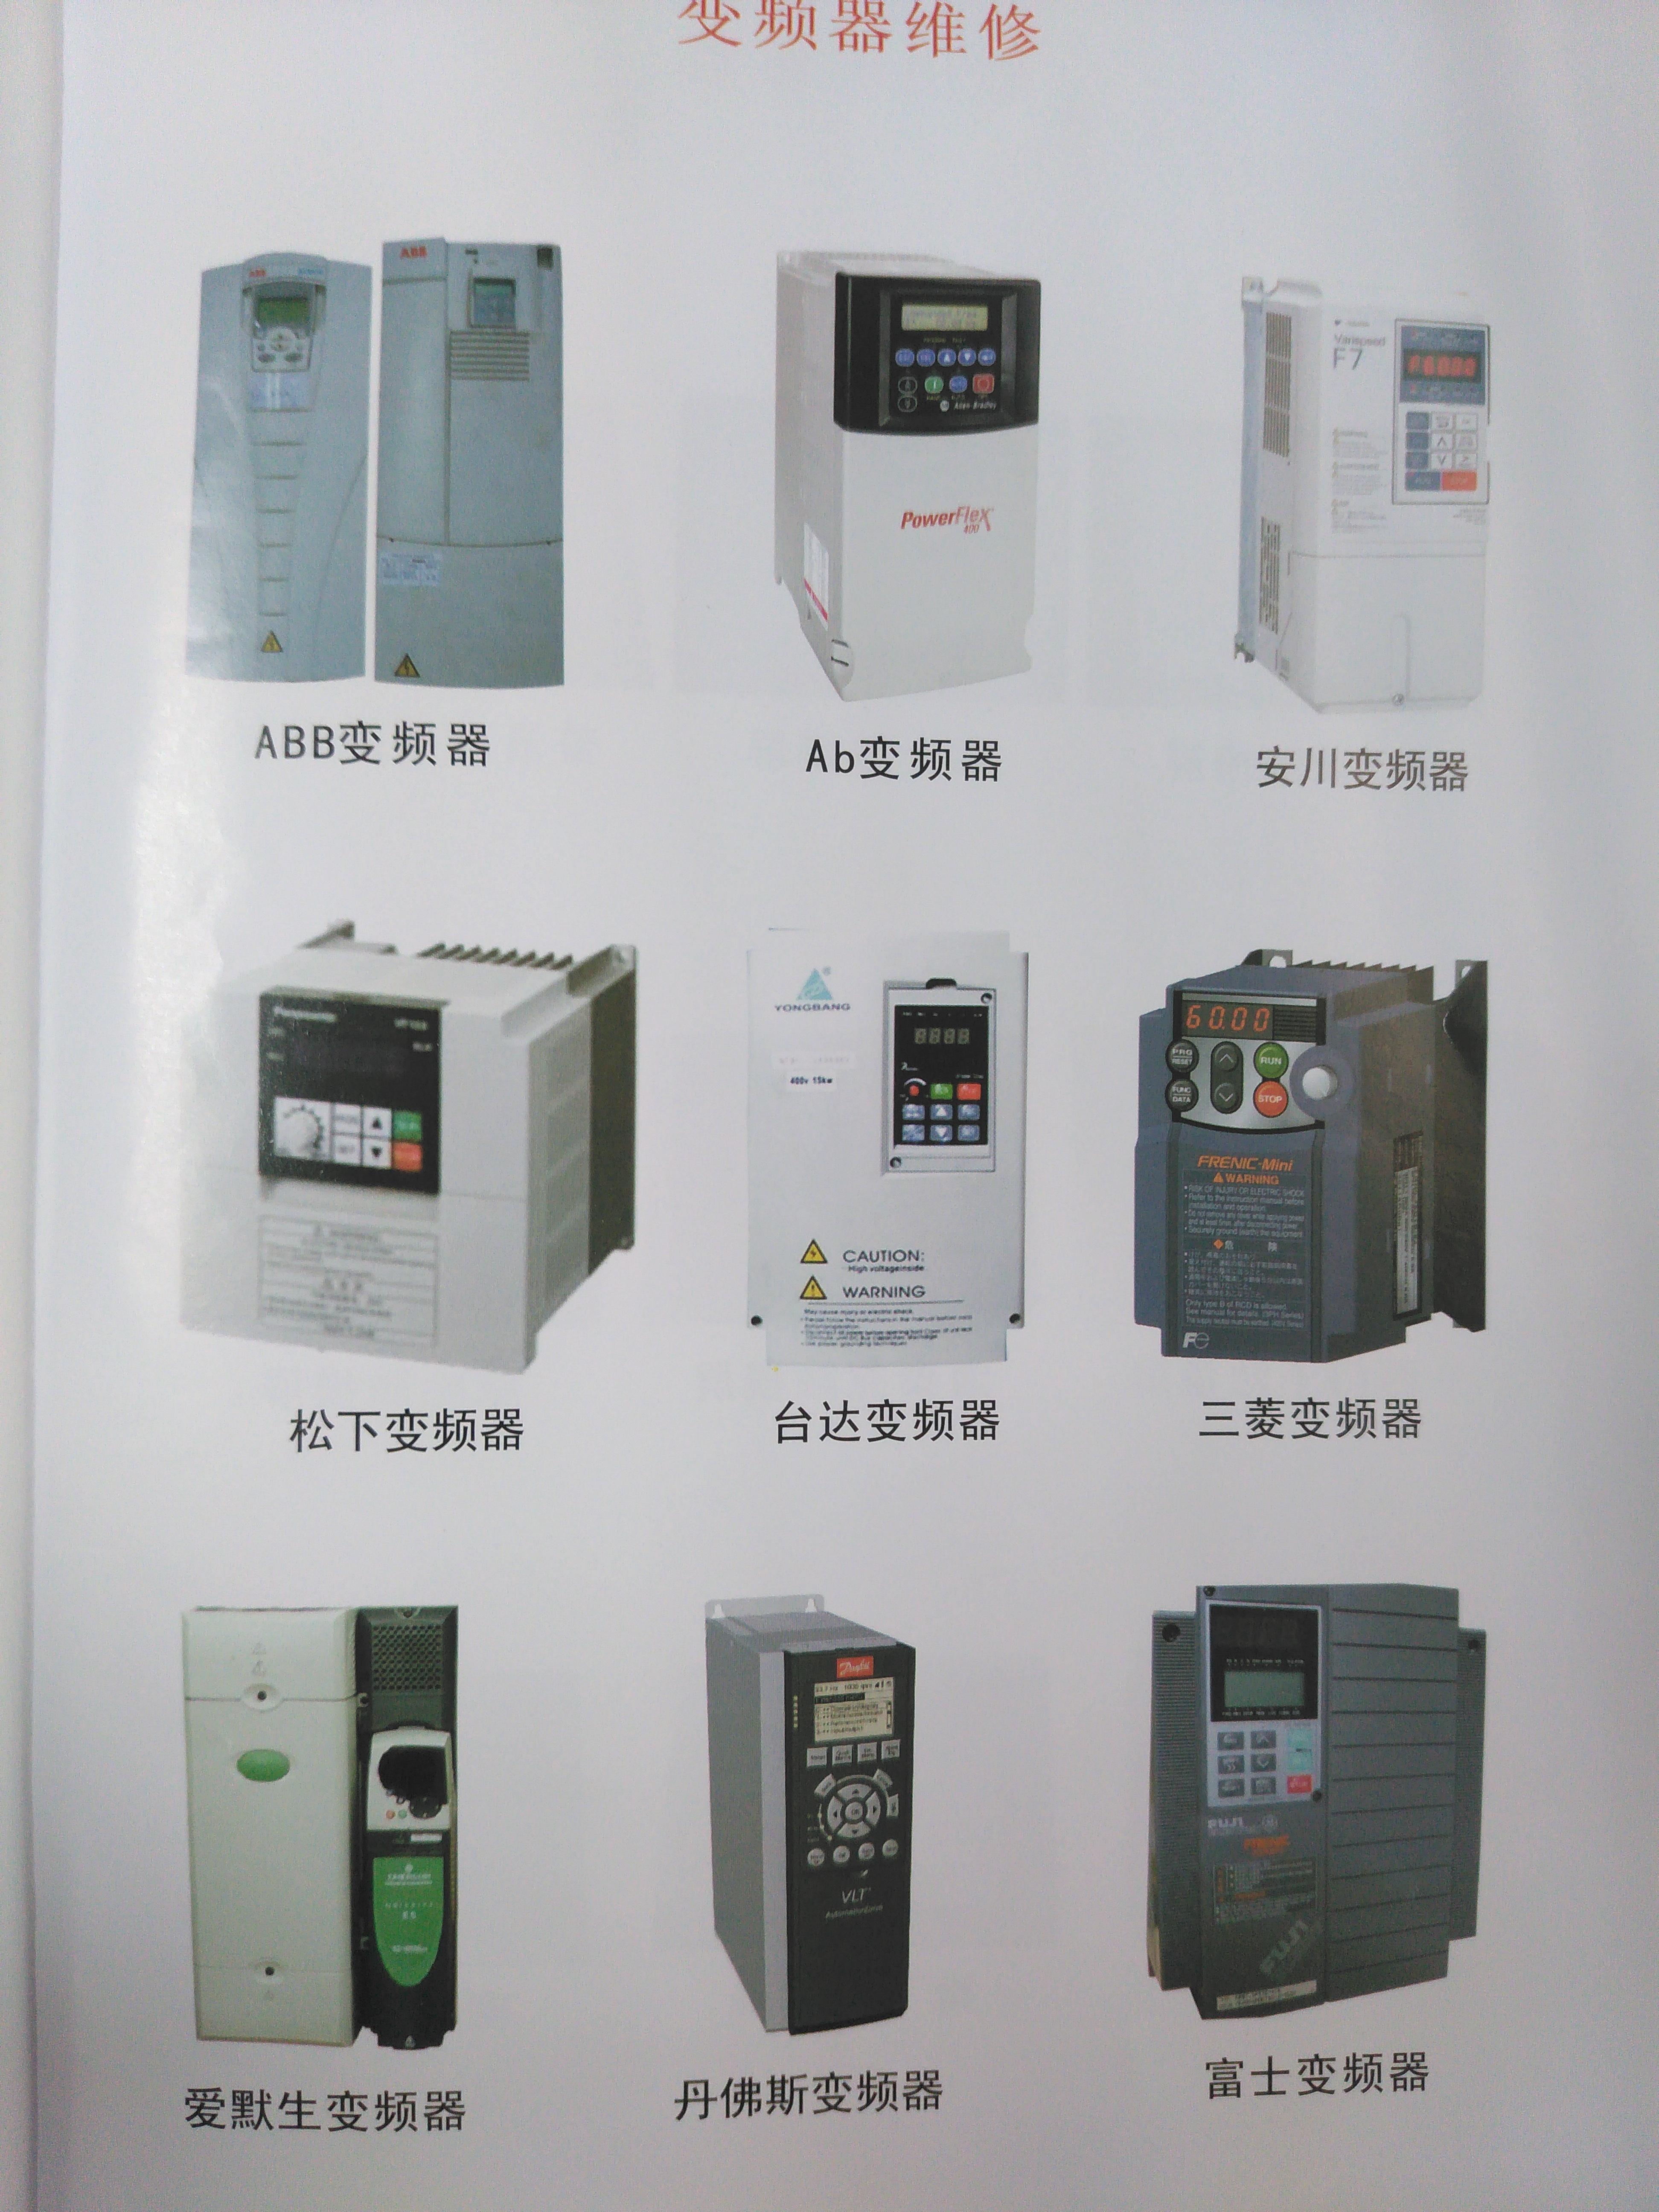 重庆变频器维修,伺服器维修,电机维修 重庆变频器维修,伺服器维修